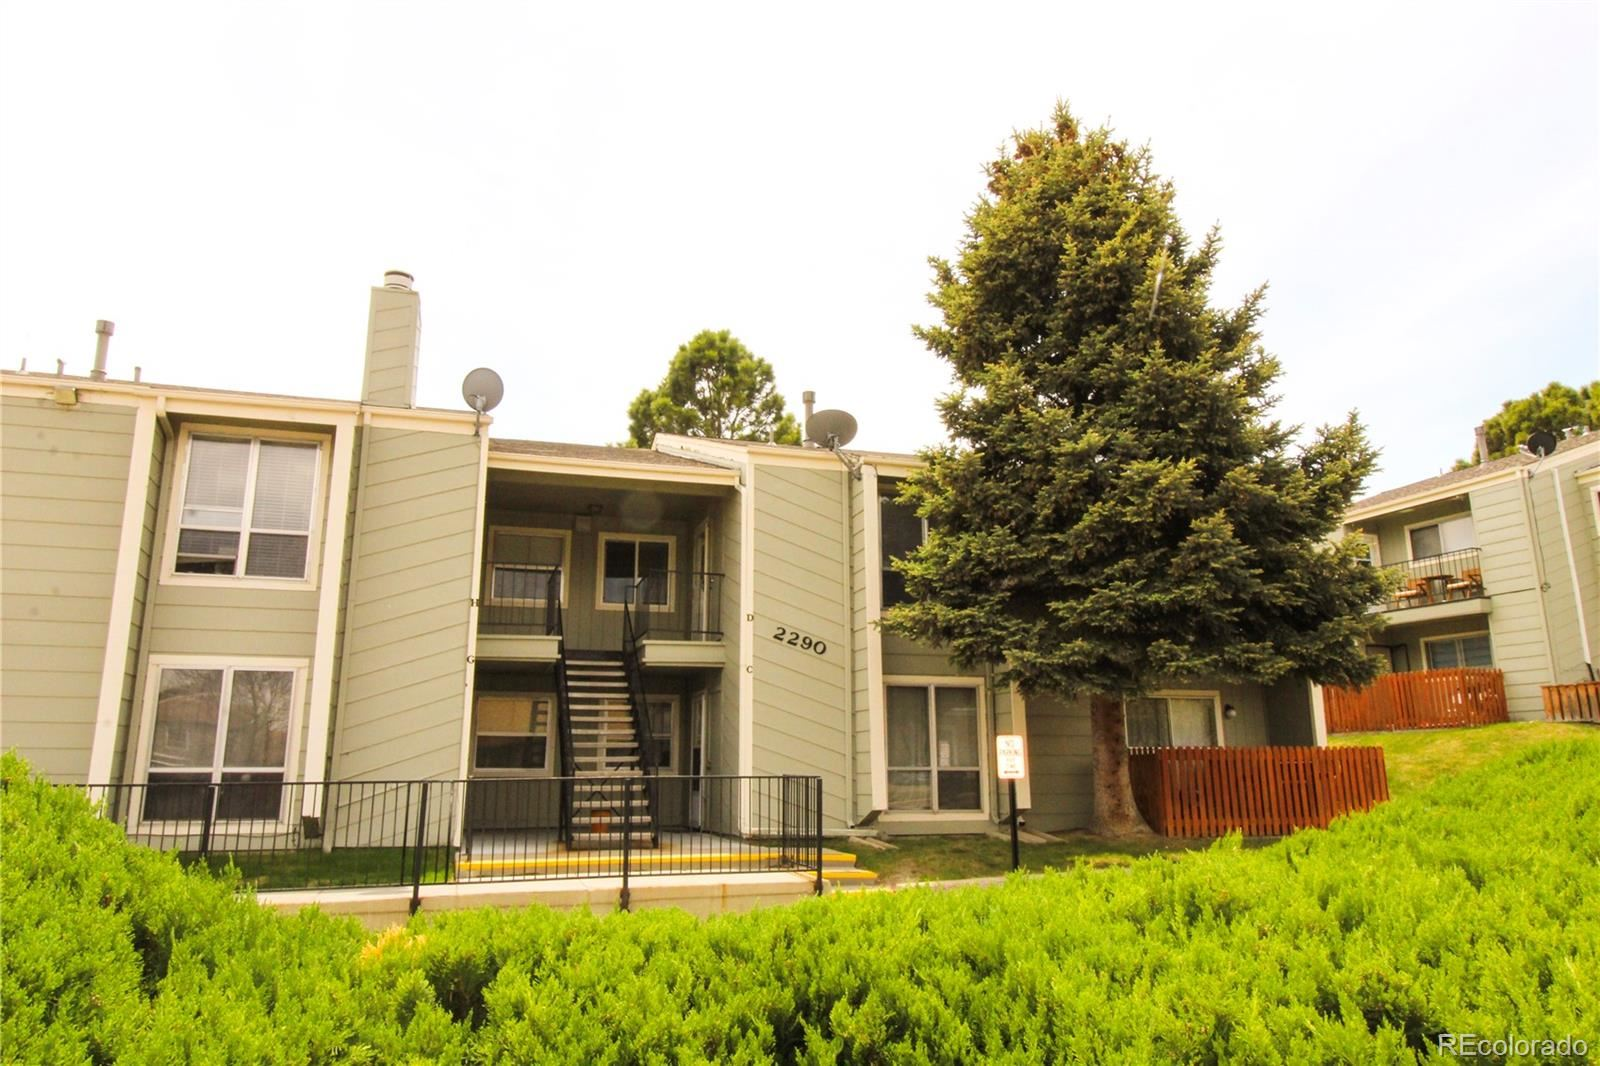 2290 E Fremont Avenue  D18 #D18, Centennial, CO 80122 - #: 5654507